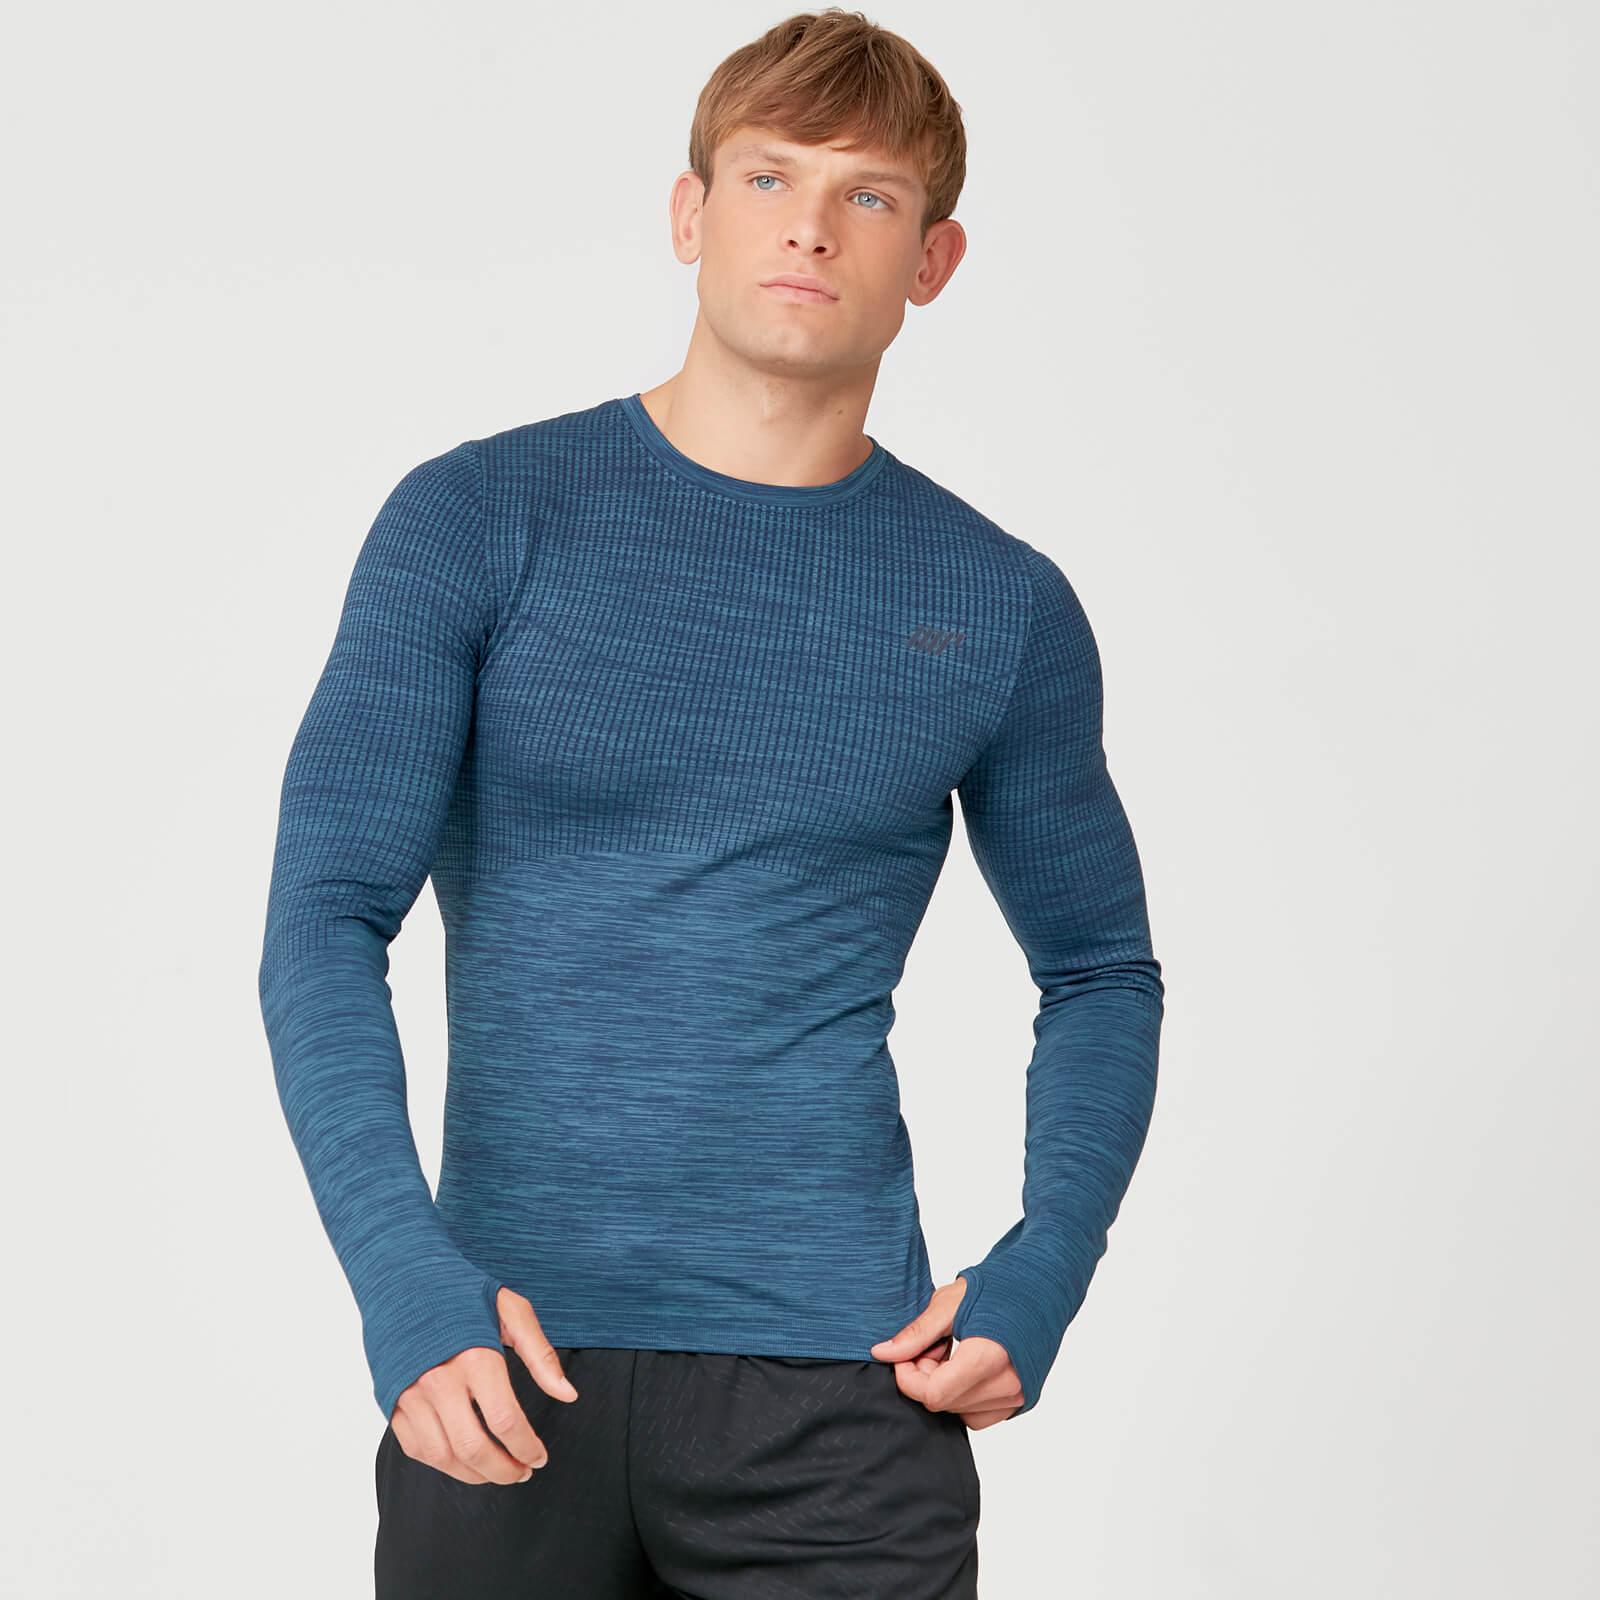 Myprotein T-shirt manches longues sans couture Sculpt - L